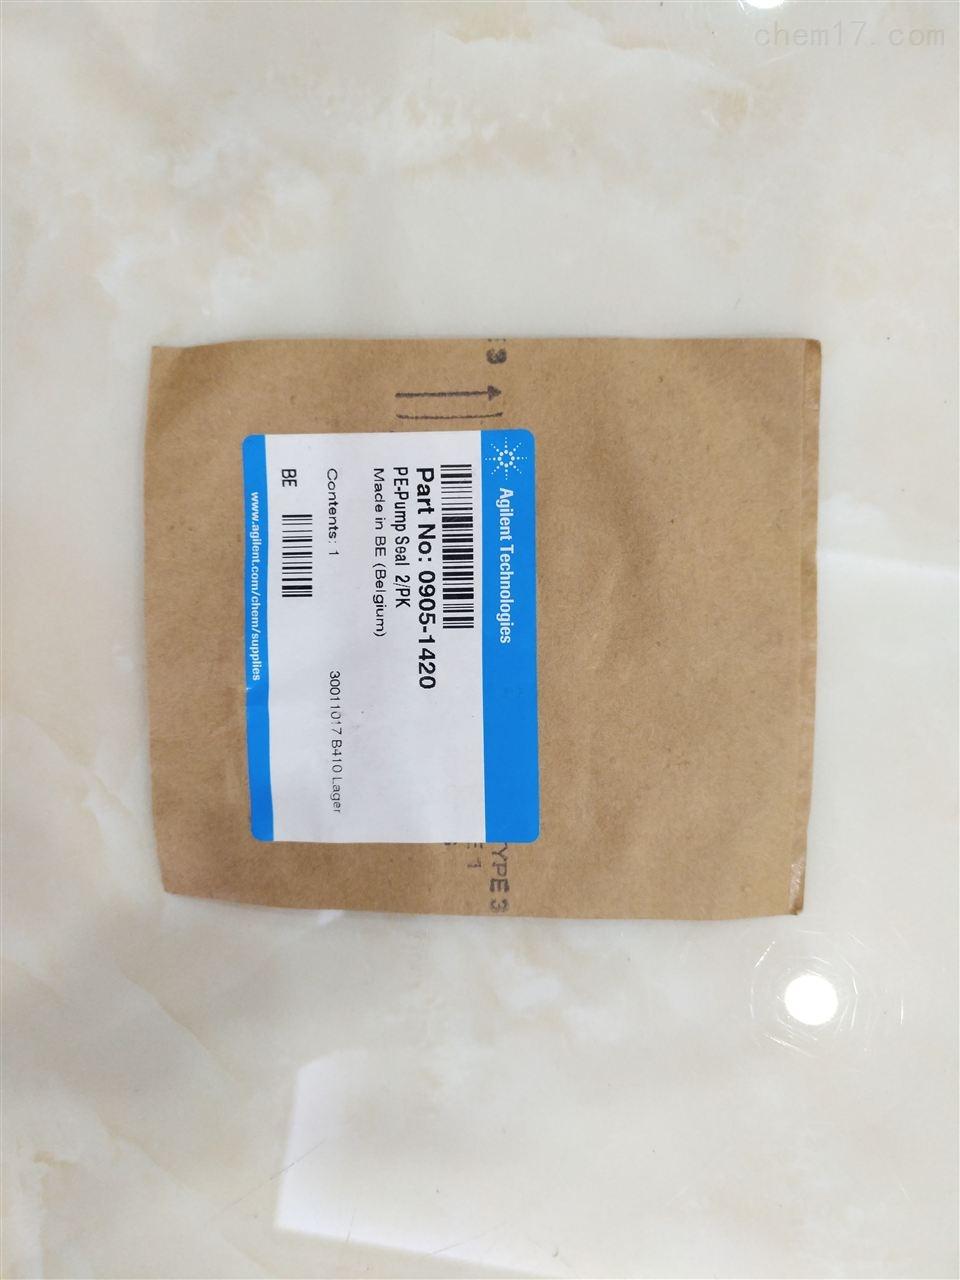 0905-1420安捷伦0905-1420PE 泵密封垫,2/包